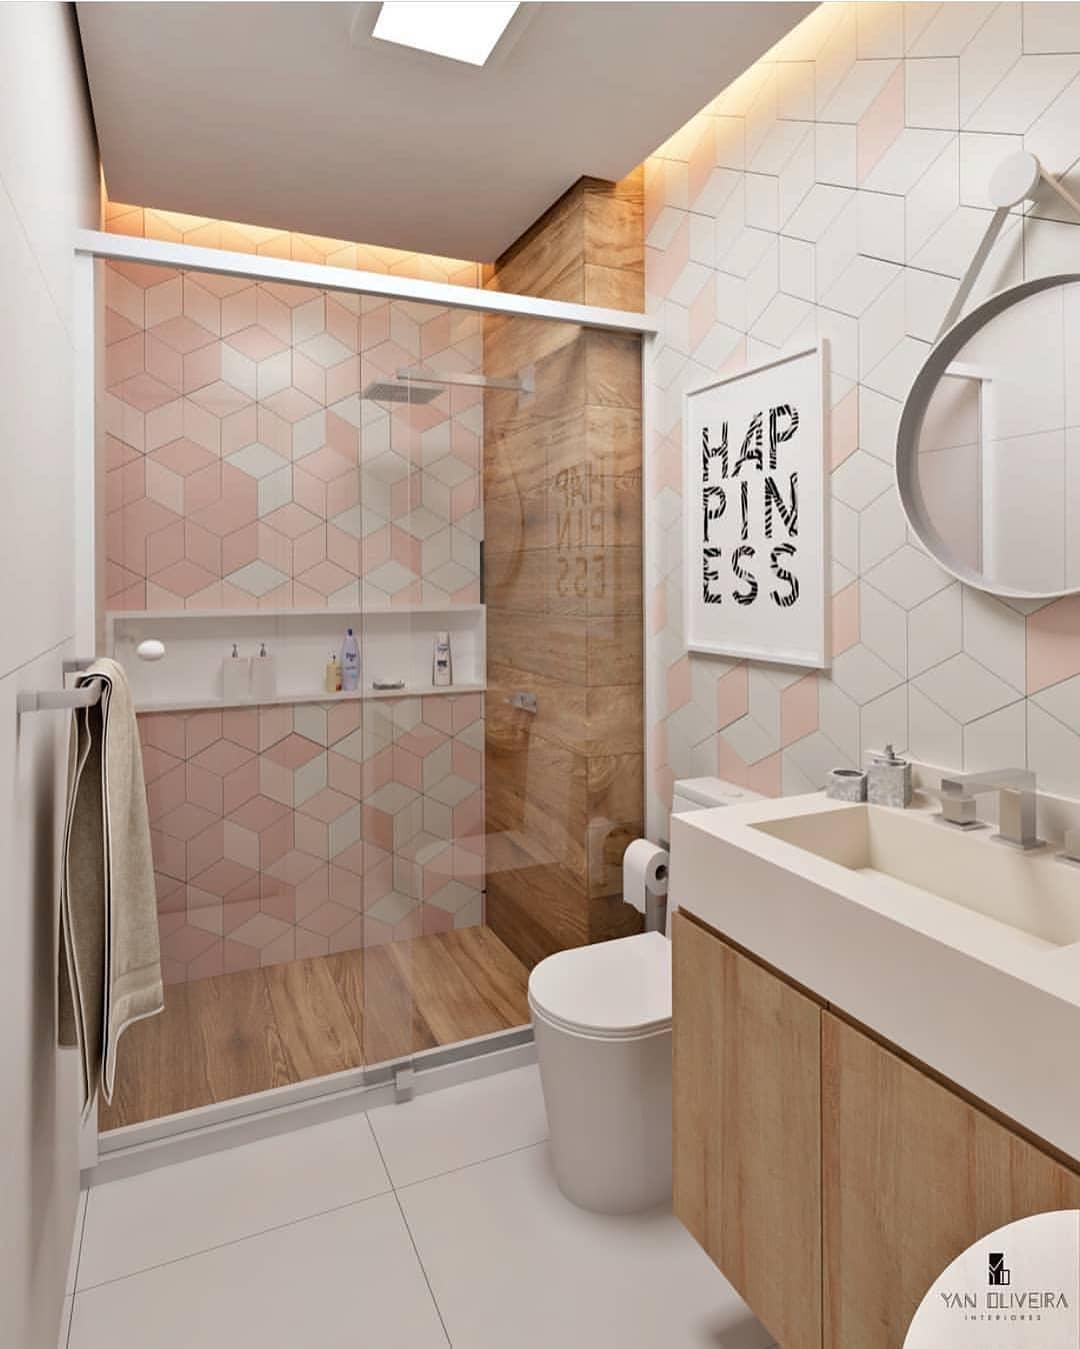 Banheiro simples colorido com porcelanato que imita madeira.